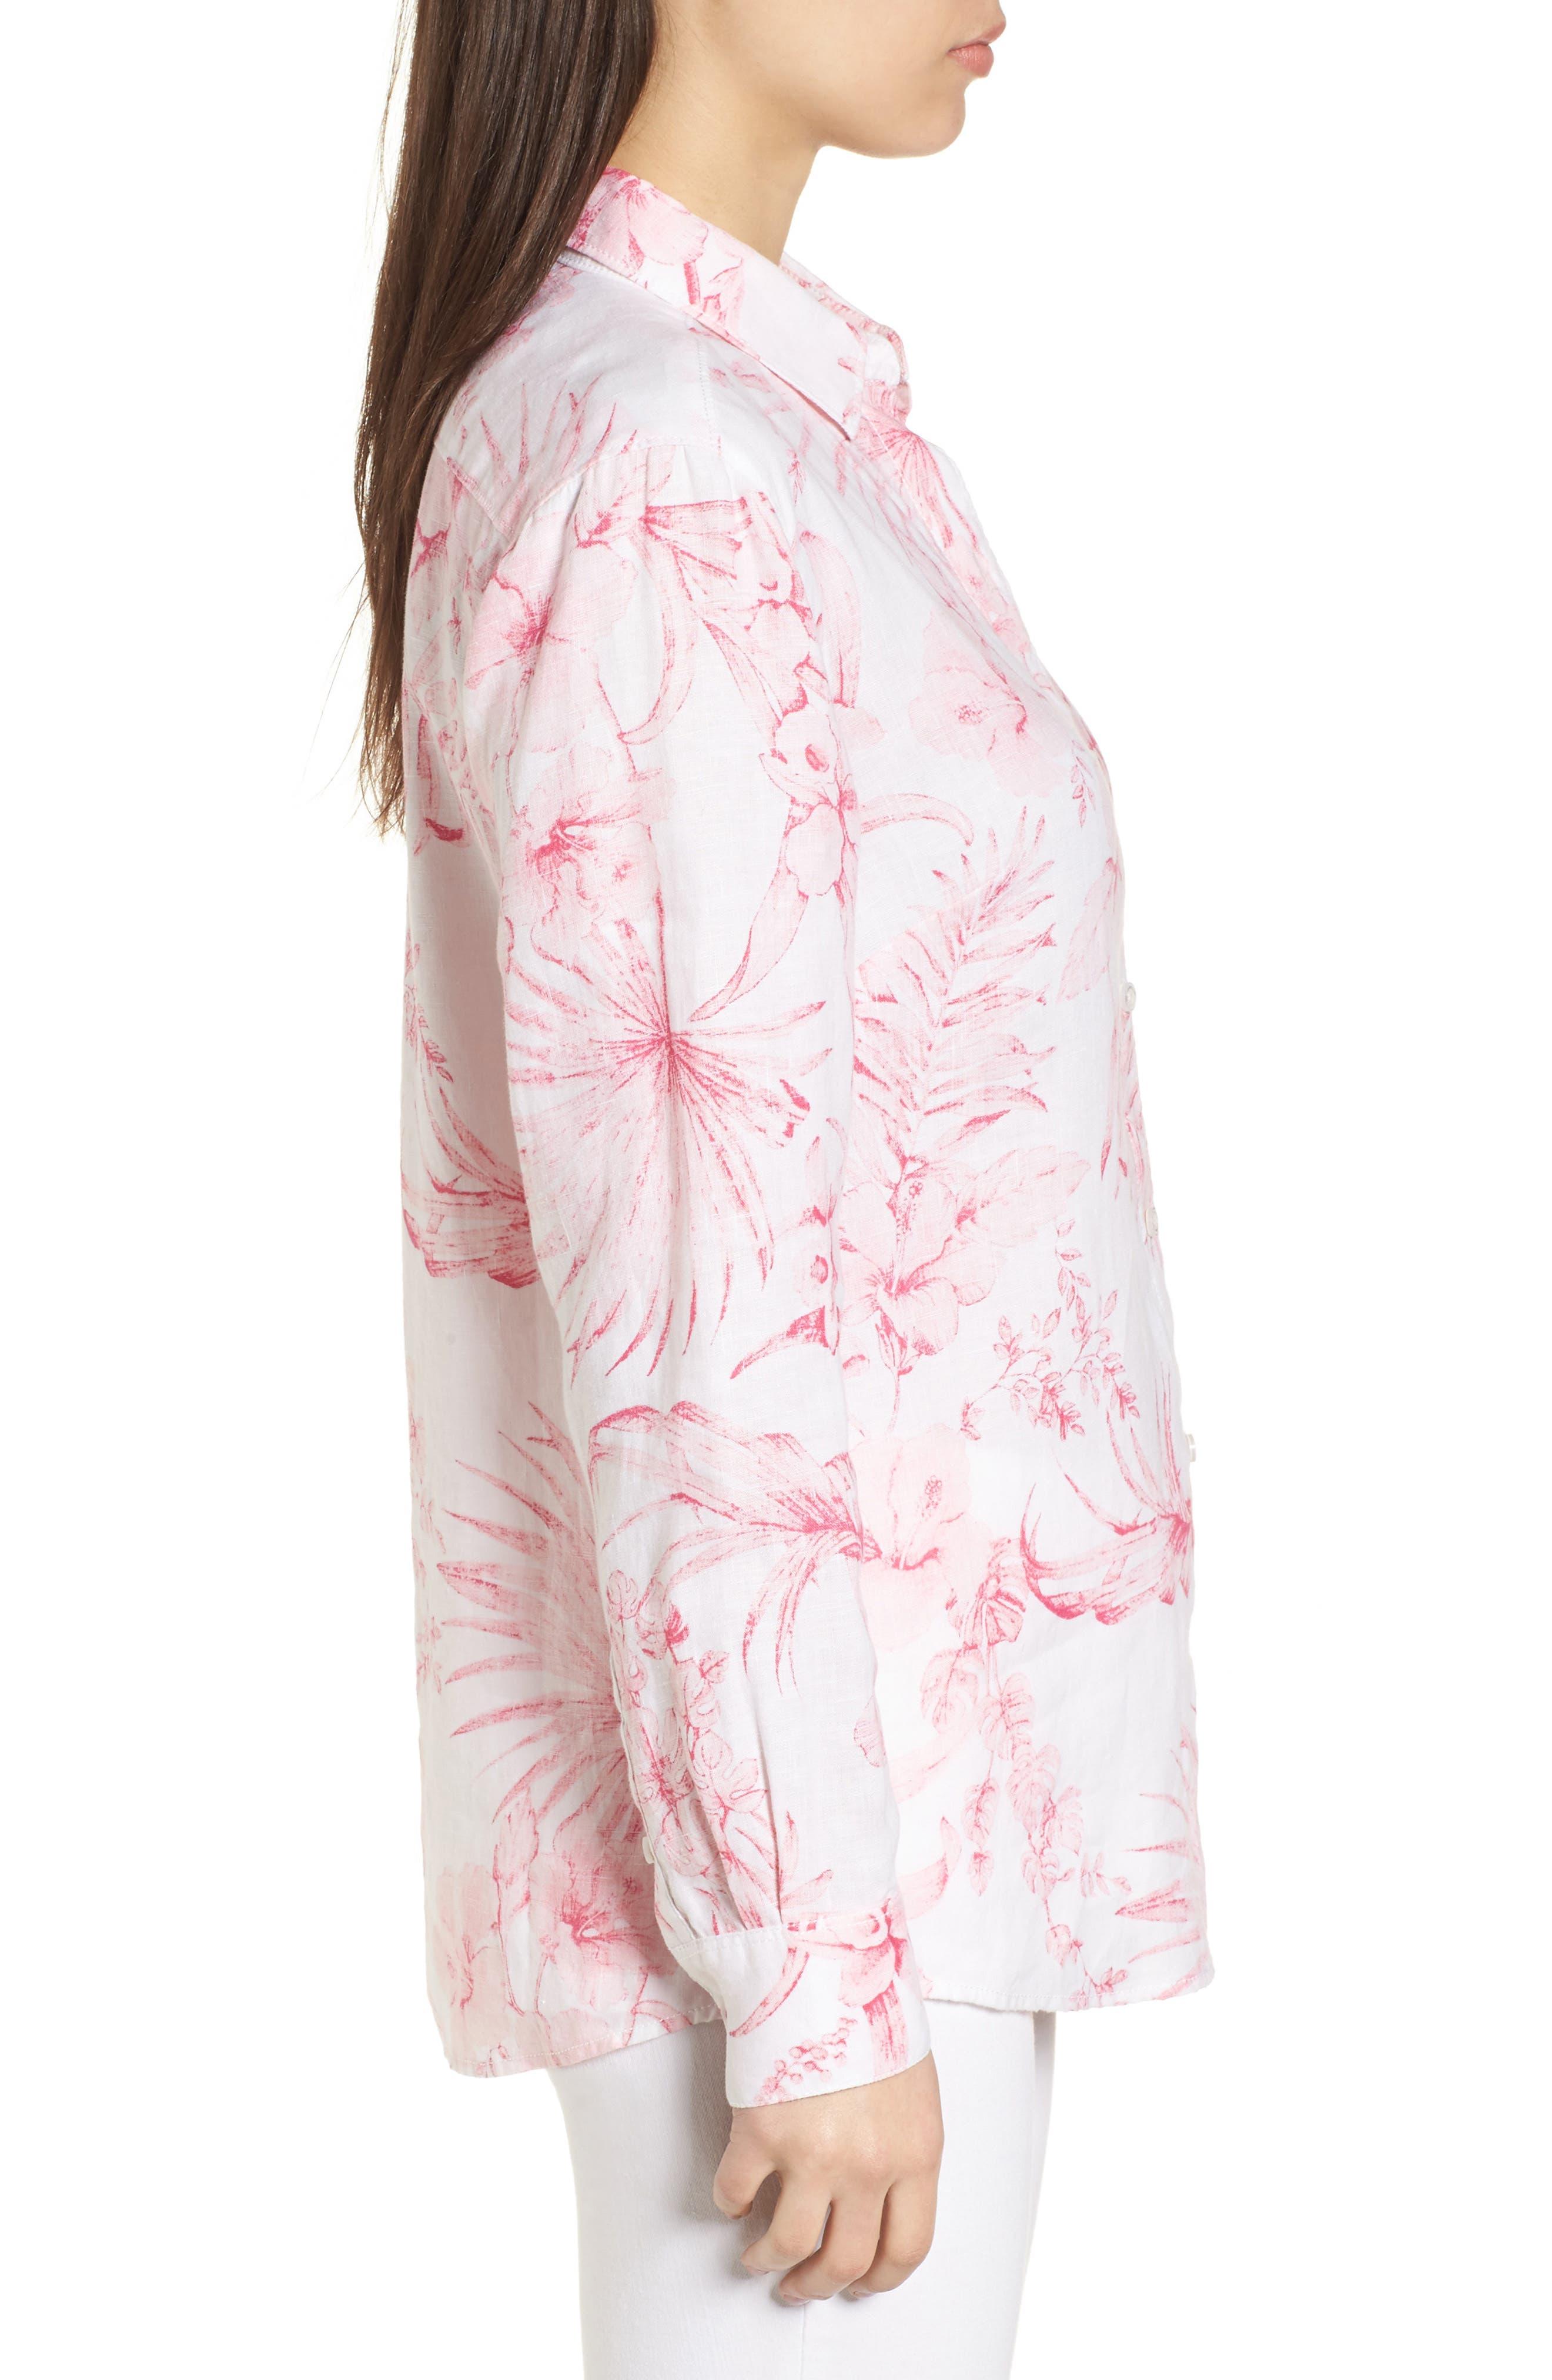 Tulum Tropical Linen Shirt,                             Alternate thumbnail 3, color,                             PINK LACE